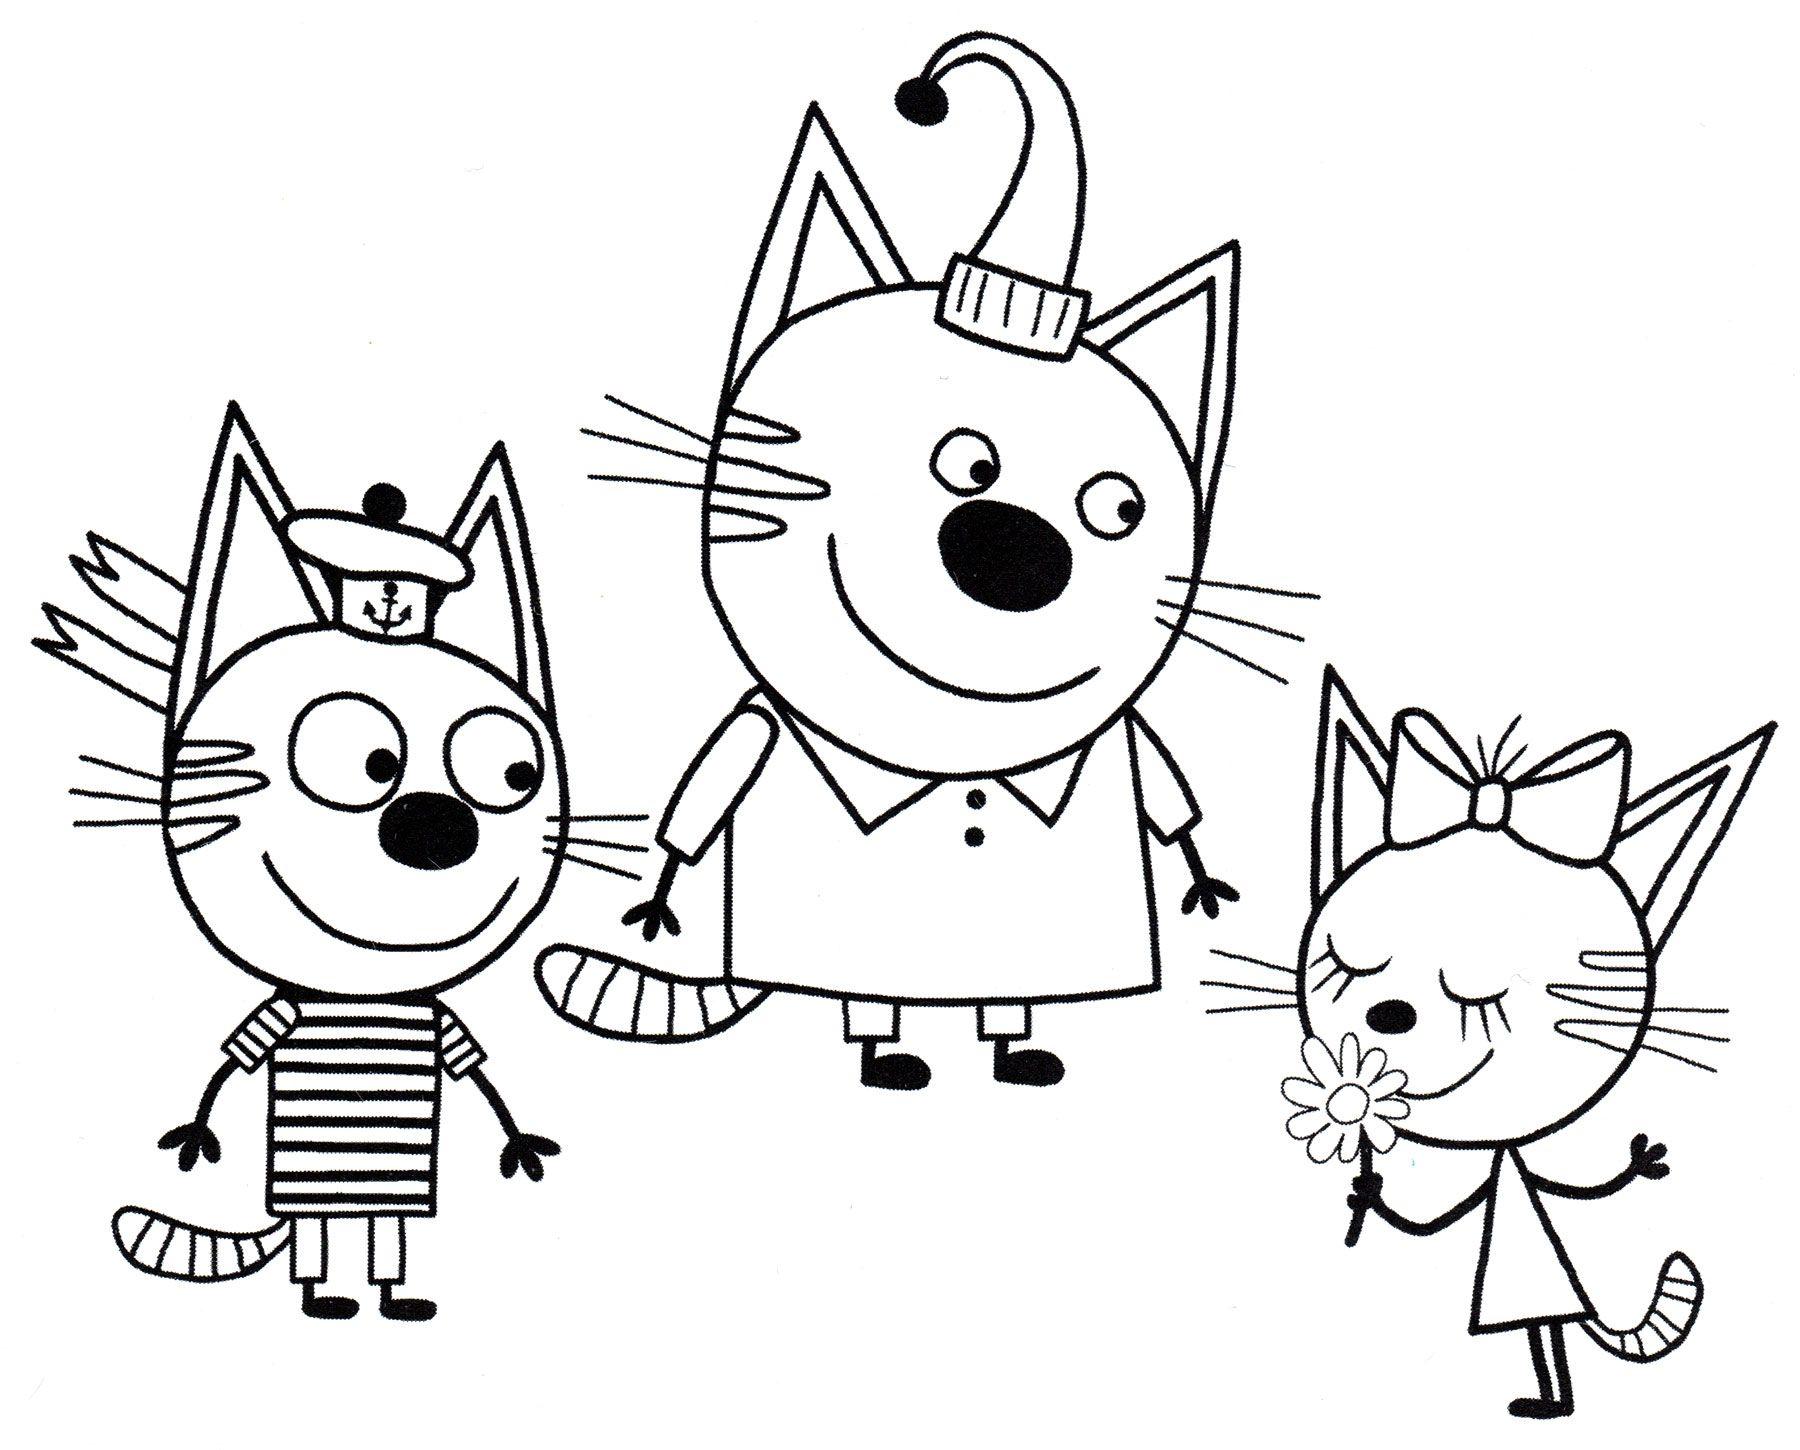 Два кота и одна кошечка - Три кота | Раскраски, Раскраски ...